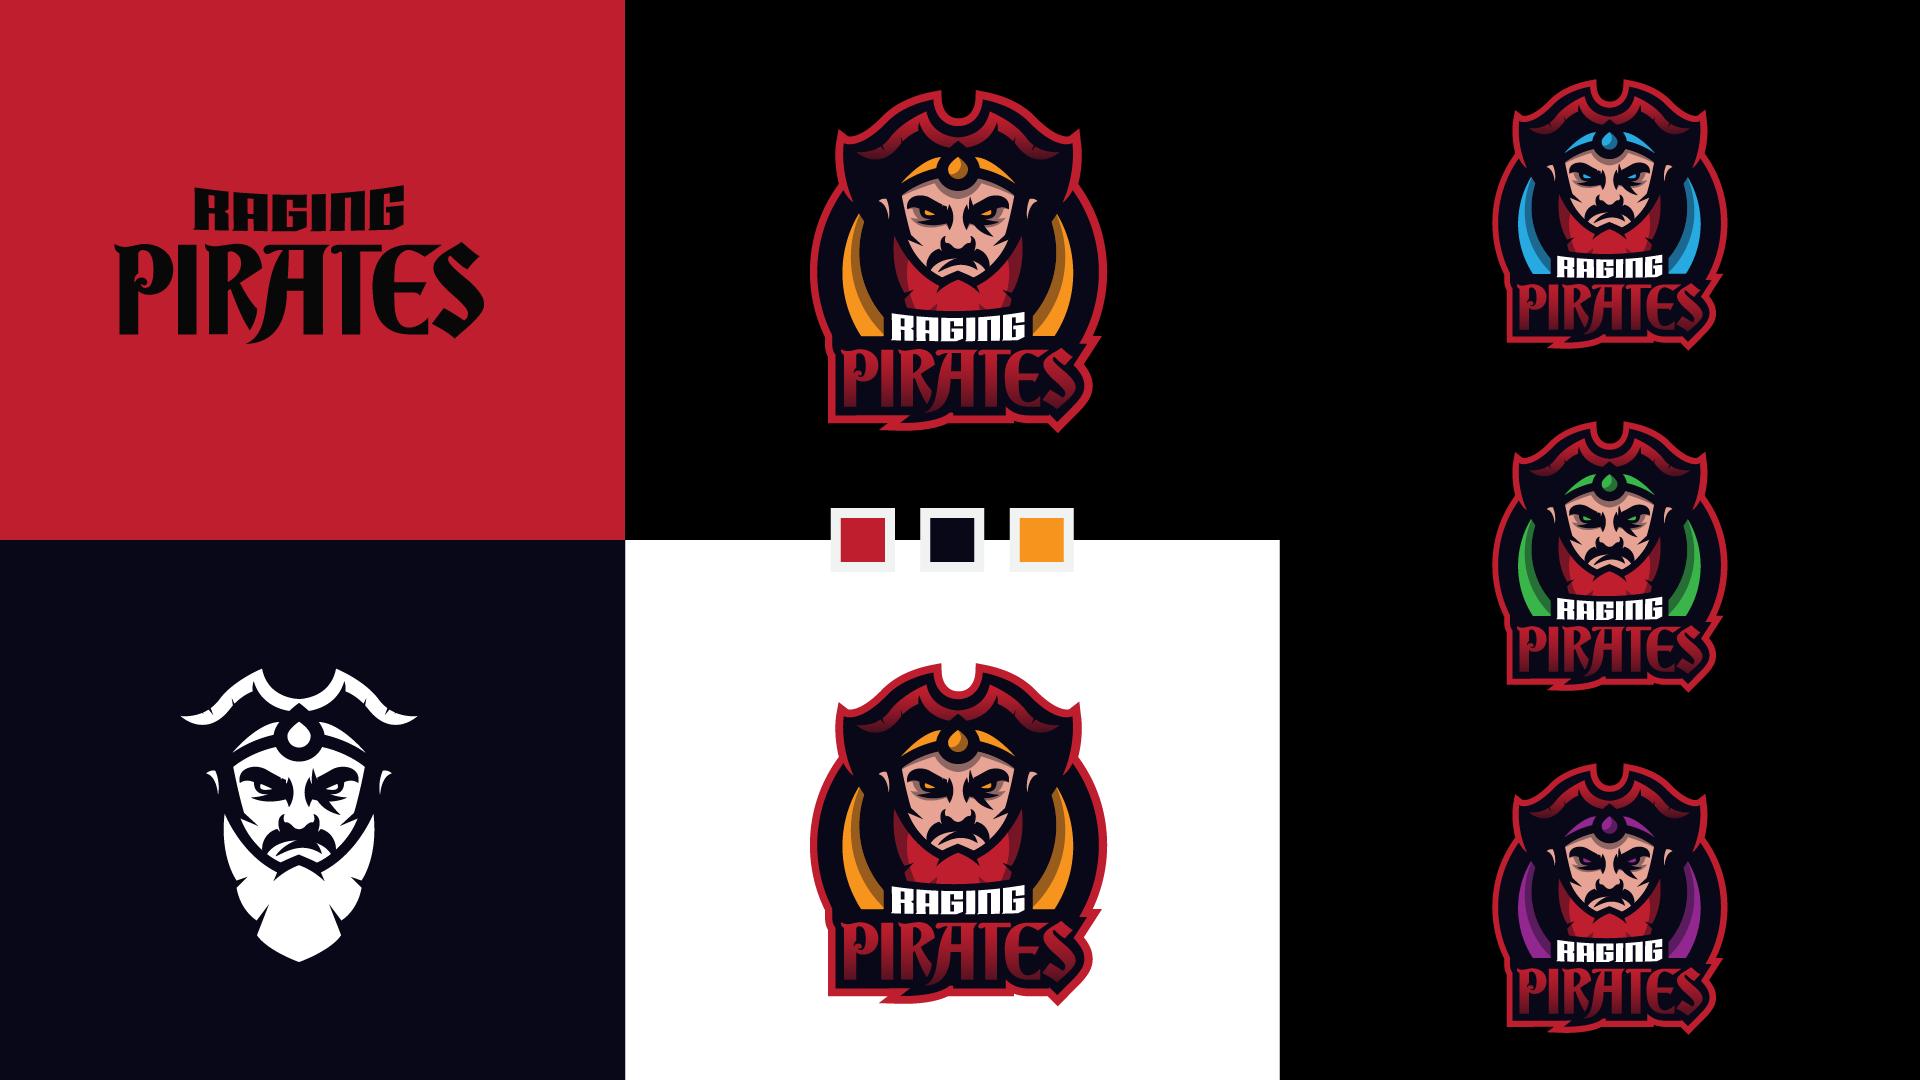 Raging Pirates